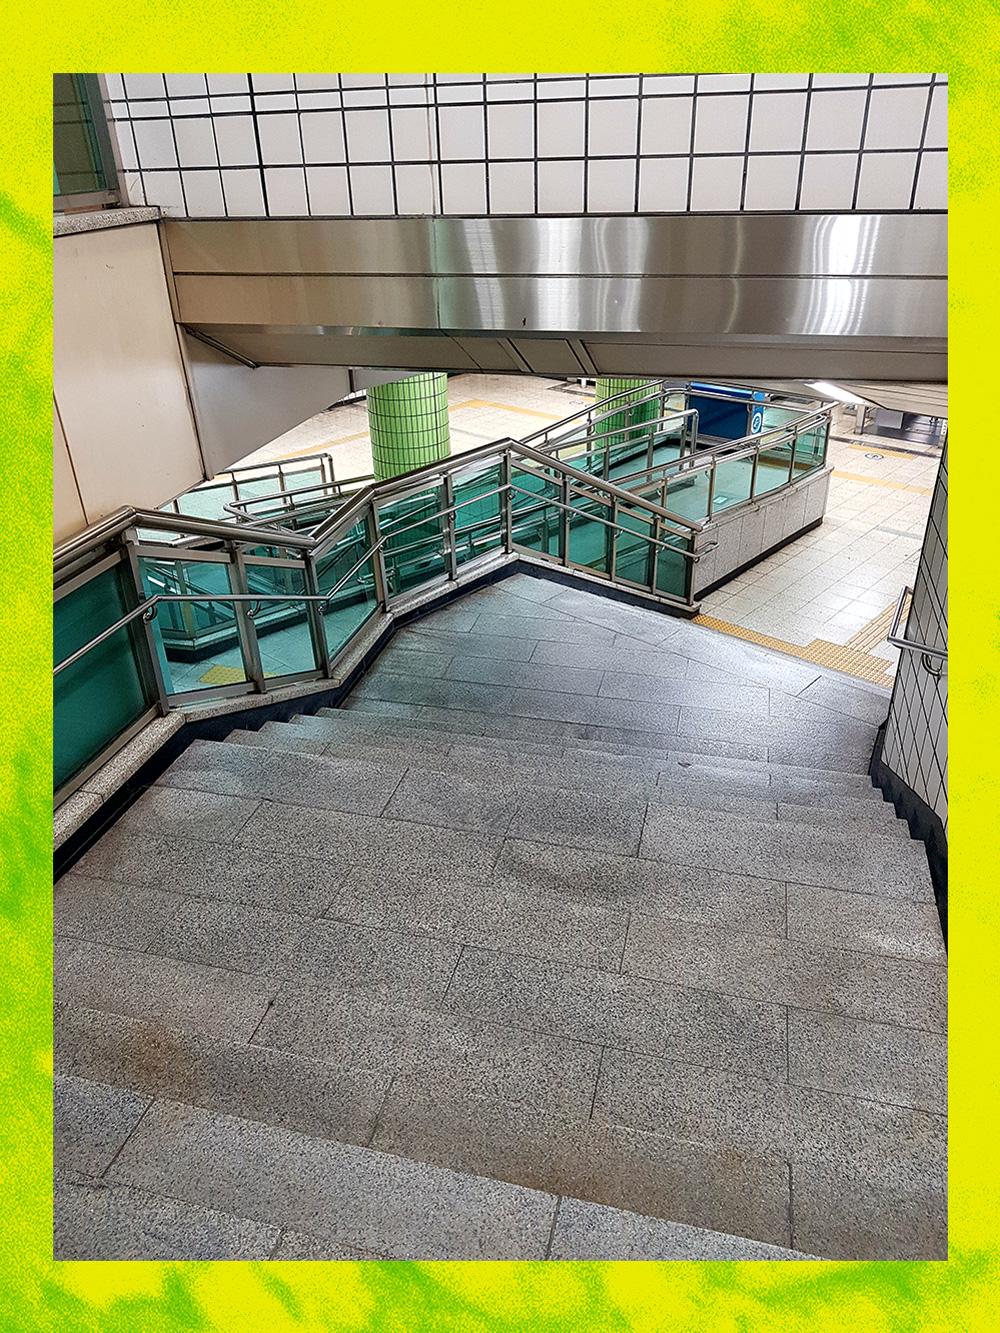 subway_art_beottigogae-3.jpg